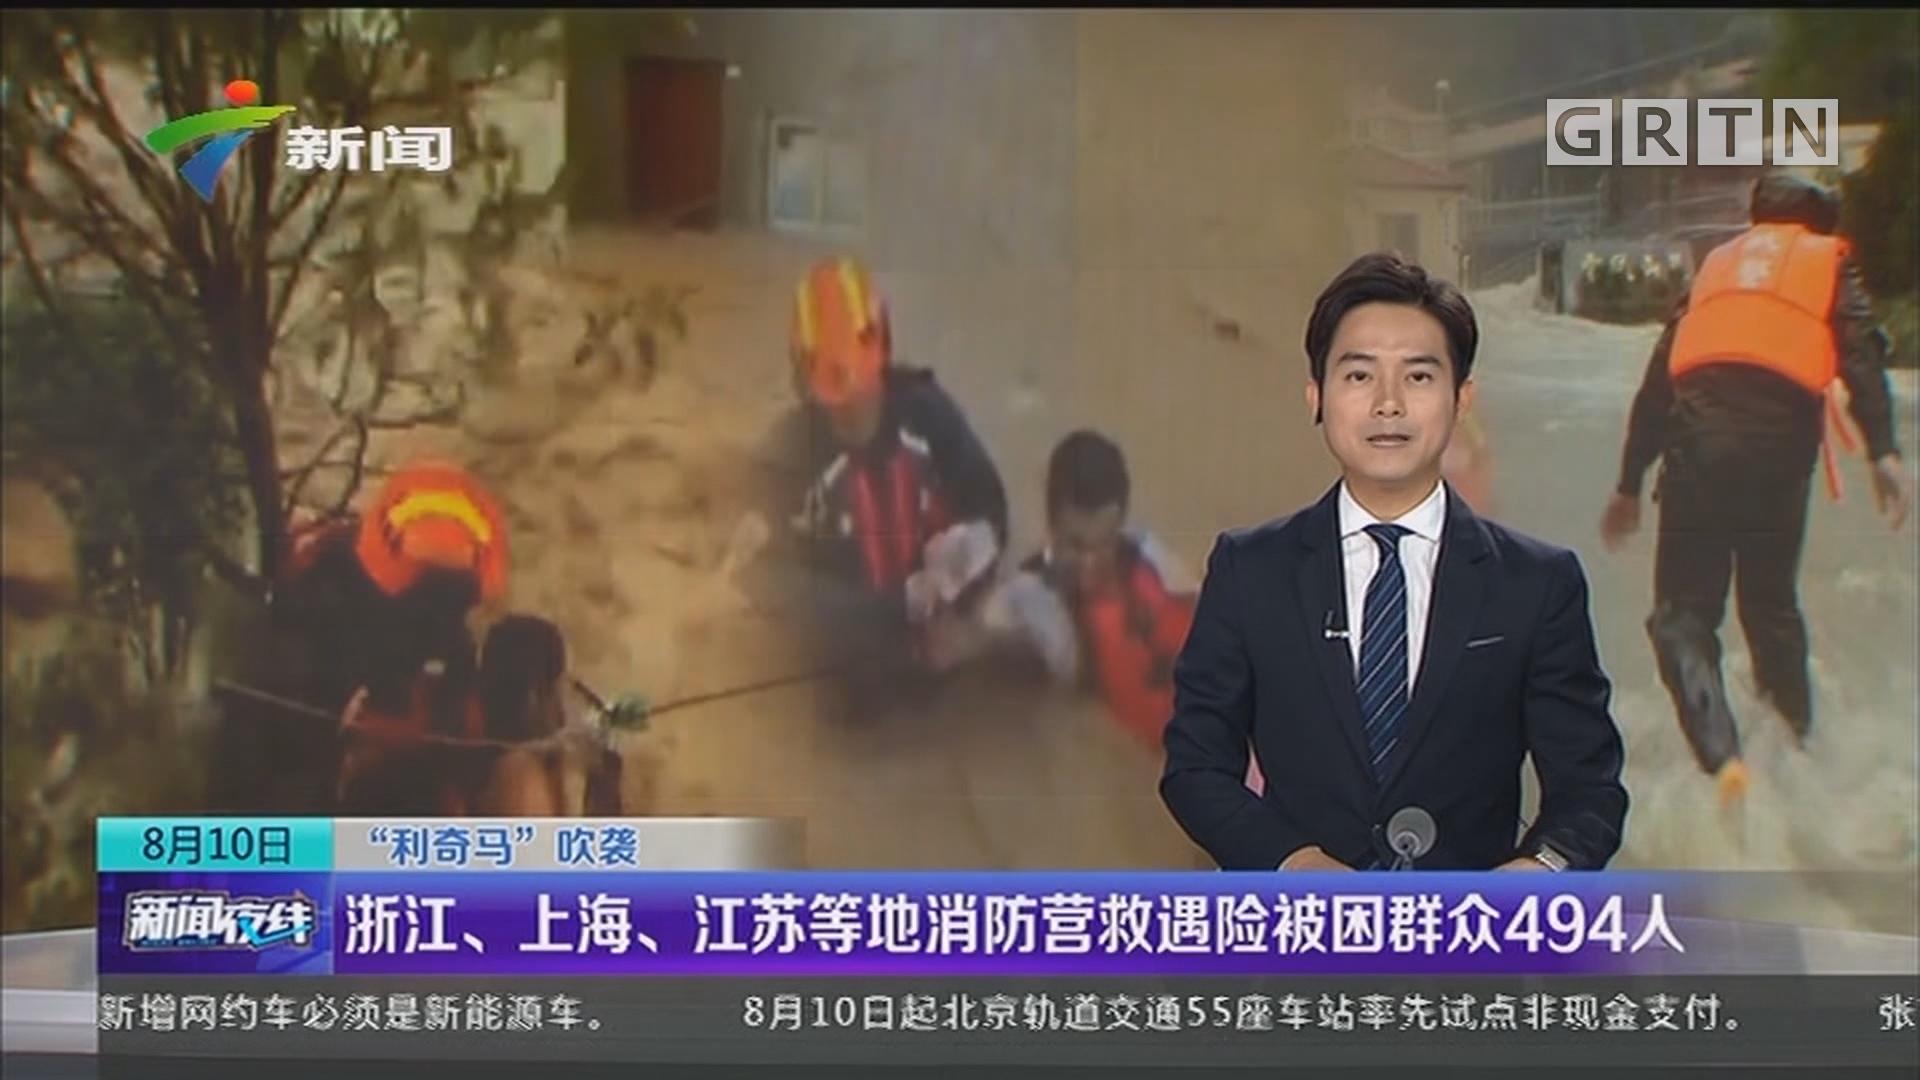 """""""利奇马""""吹袭 浙江、上海、江苏等地消防营救遇险被困群众494人"""